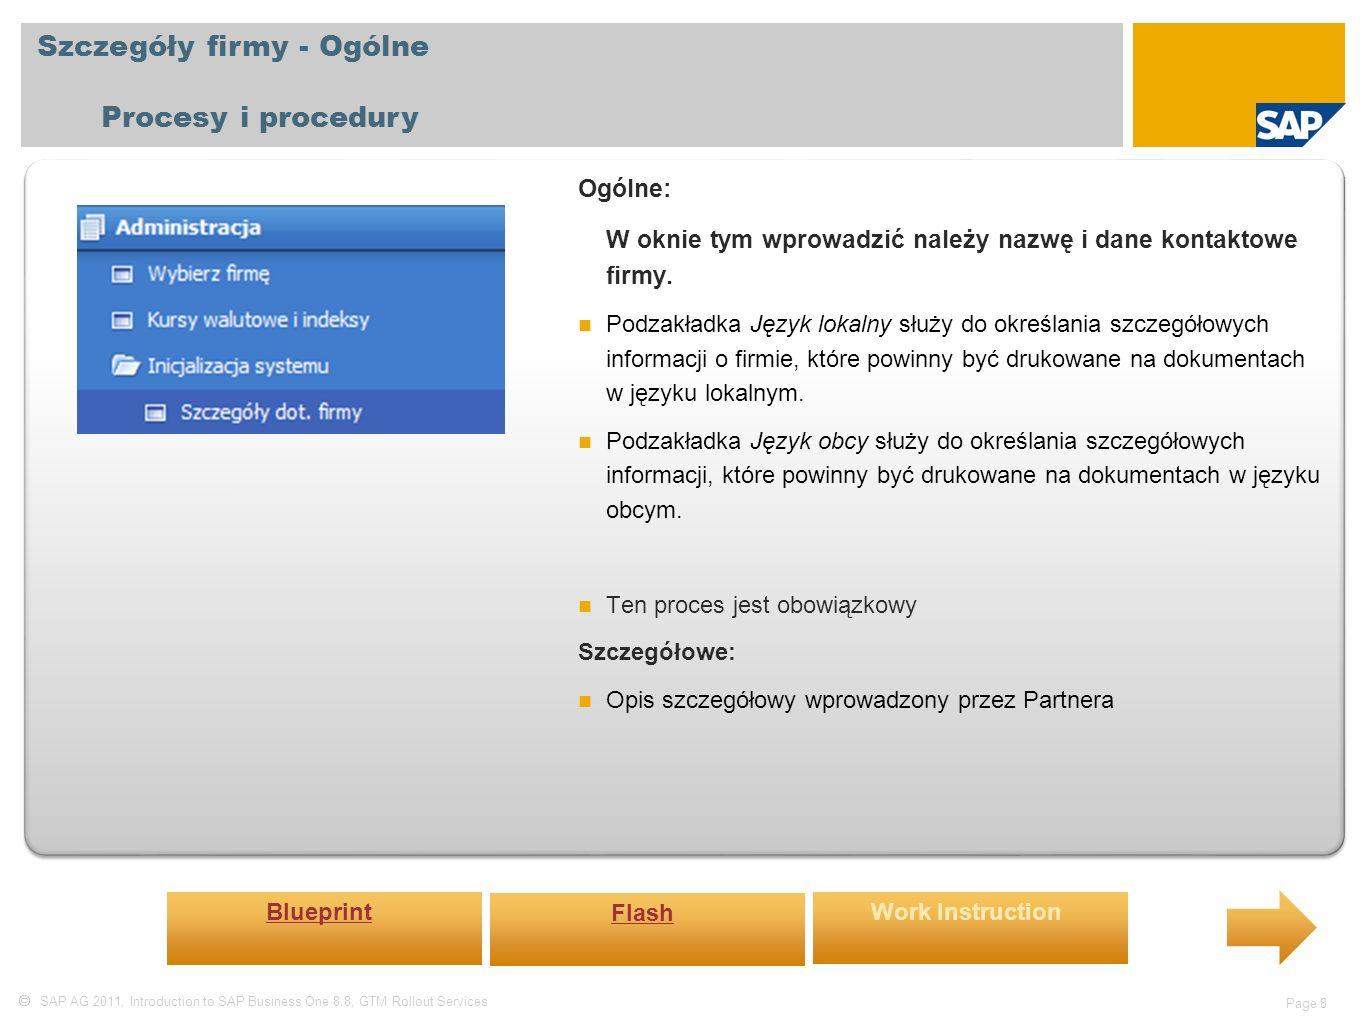  SAP AG 2011, Introduction to SAP Business One 8.8, GTM Rollout Services Page 19 Ustawienia dokumentu – Wg rodzajów dokumentów Procesy i procedury Ogólne: To okno służy do definiowania ustawień dotyczących poszczególnych rodzajów dokumentów w modułach: Sprzedaży i Zakupu, Bankowości i Księgowości, Gospodarki materiałowej i Produkcji.